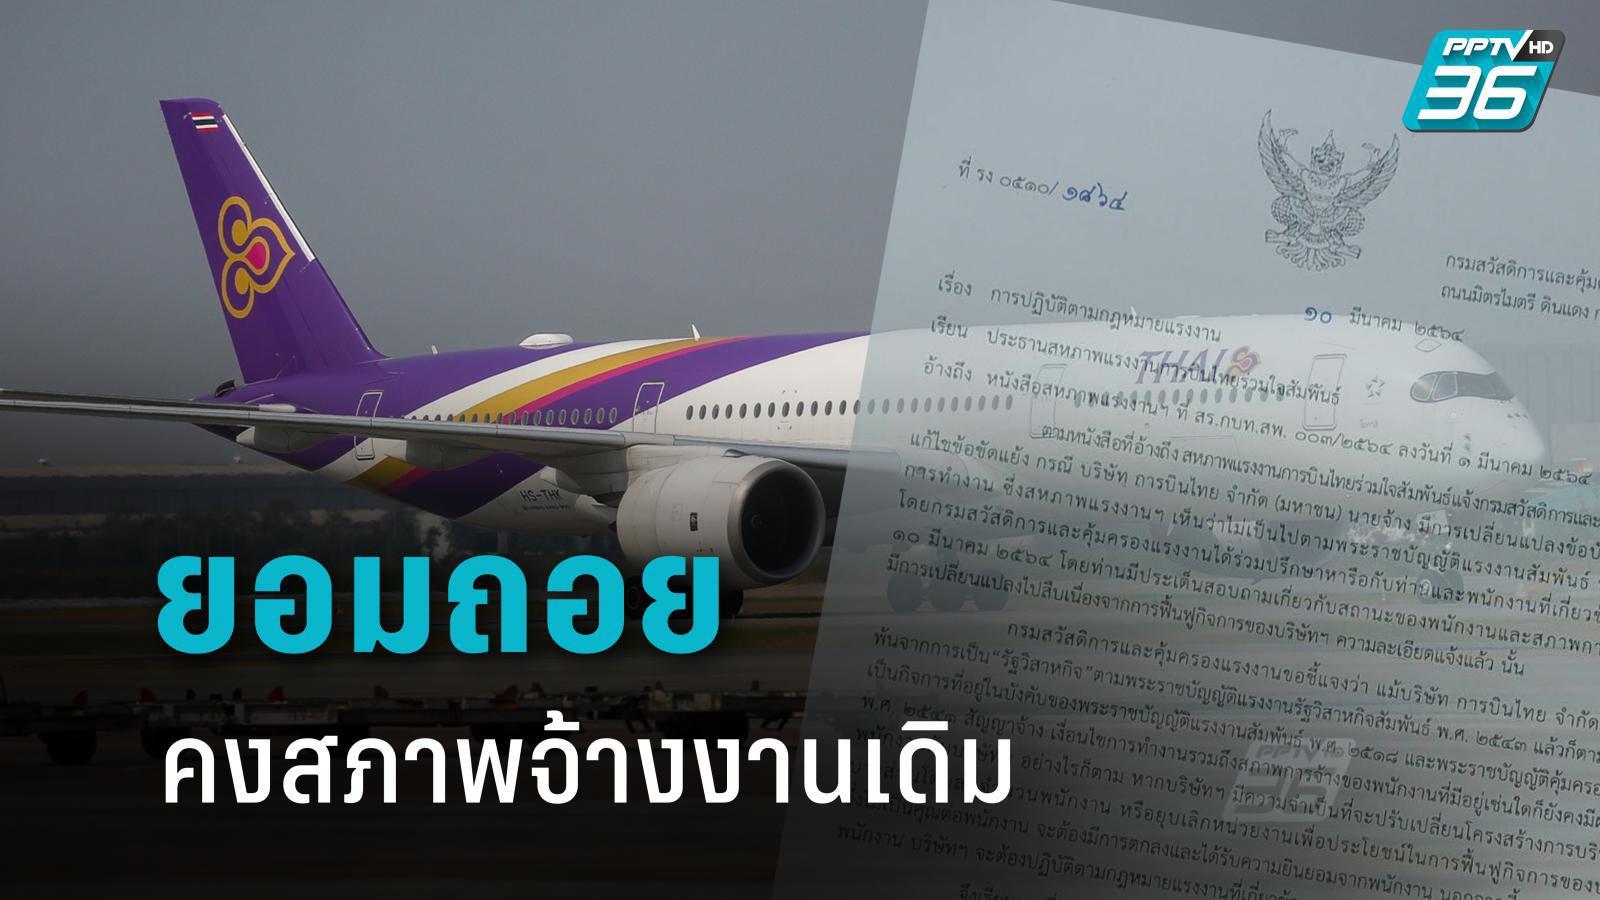 """ยอมถอย! """"การบินไทย"""" ยันคงสภาพจ้างงานเดิม ปม พนง.ไม่สมัครคัดเลือกเข้าทำงานใหม่"""